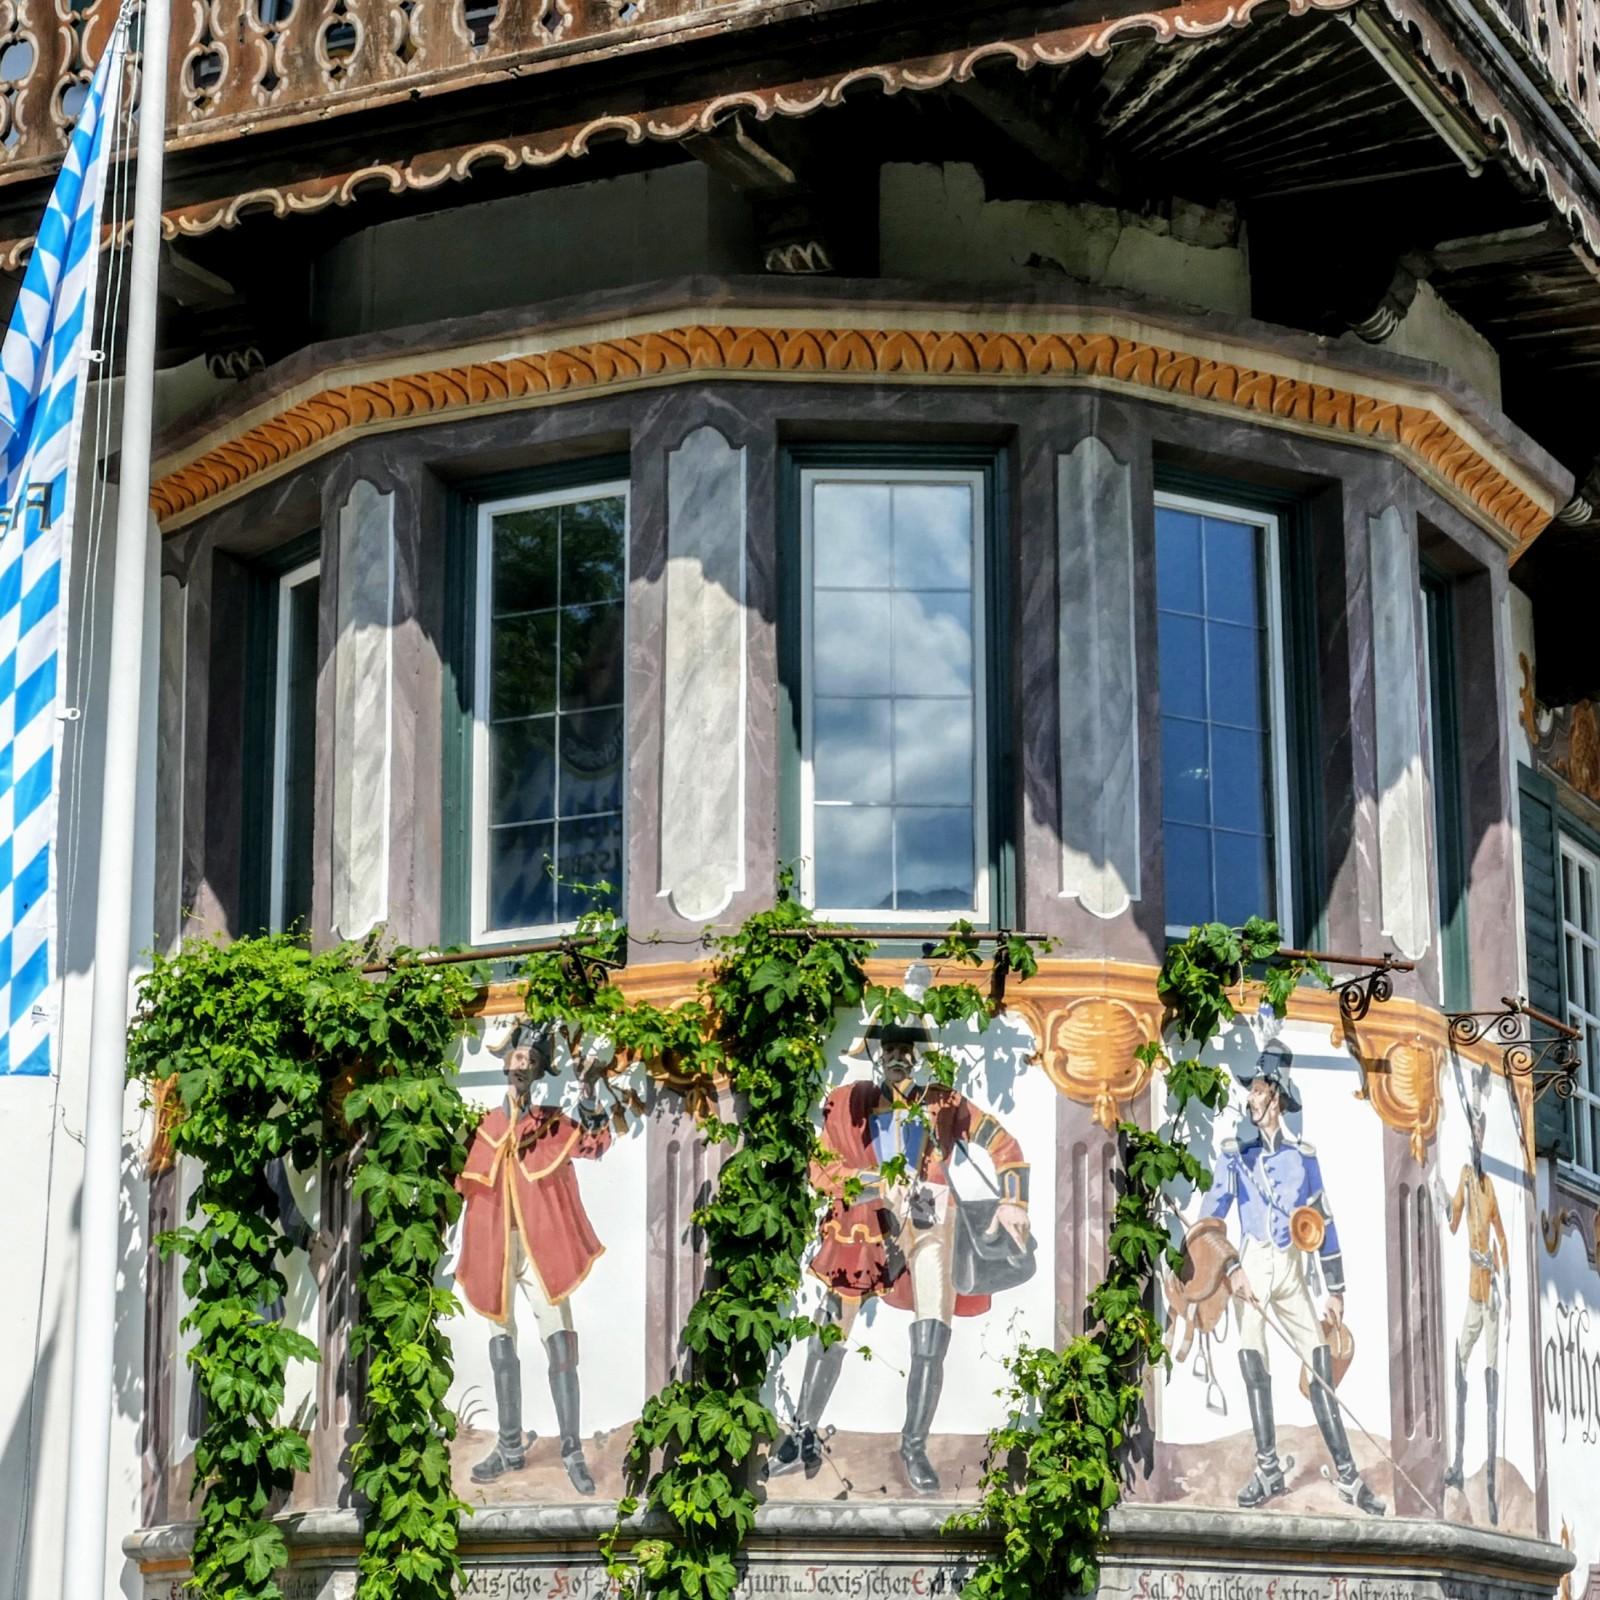 Lüftlmalerei Postkutscherszenen von 1907 am Gasthof Zur Post in Wallgau